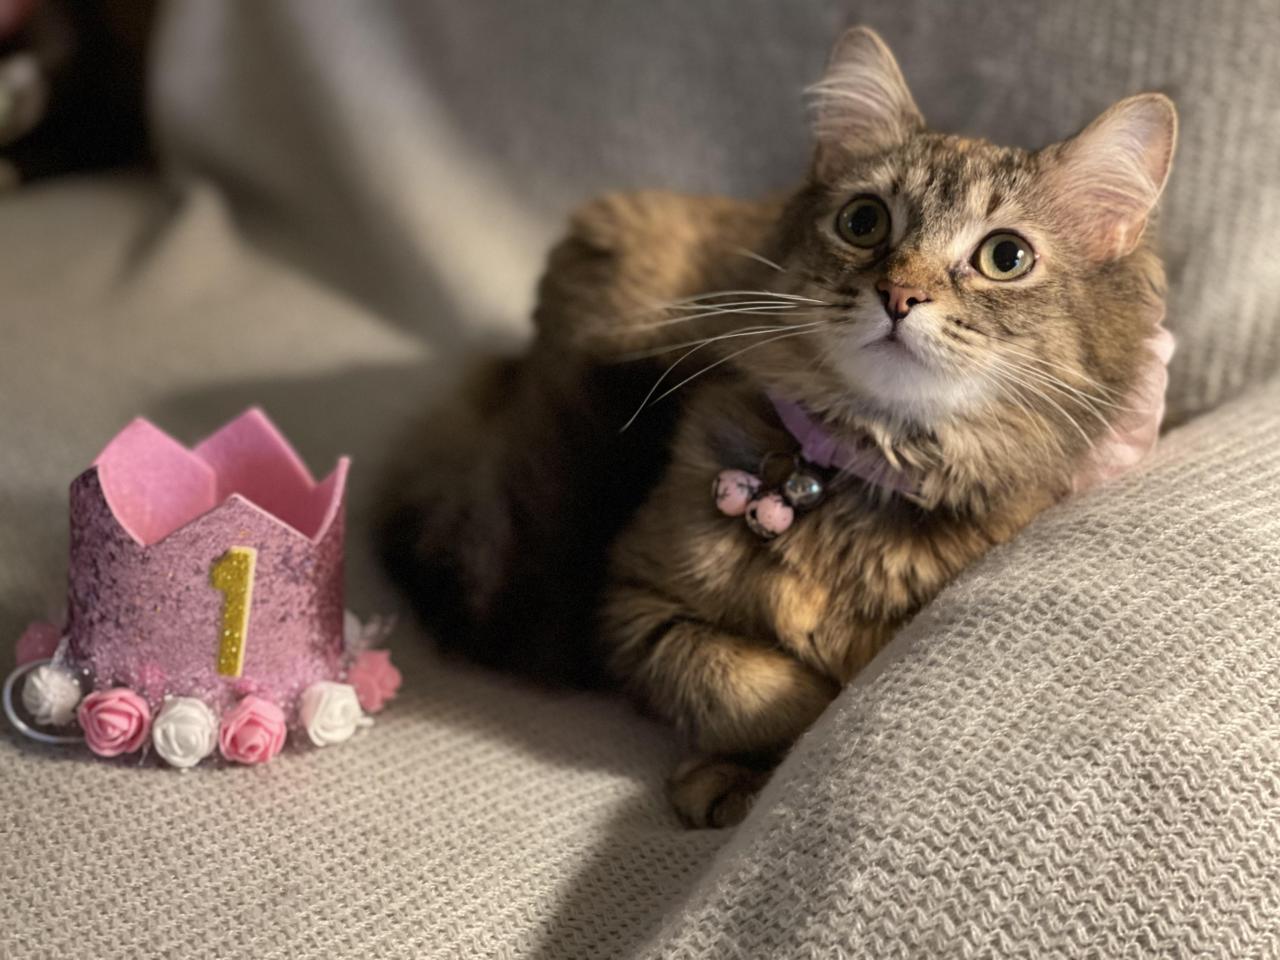 #CatYeahhh#cats#funny#cat#kitty#kitten